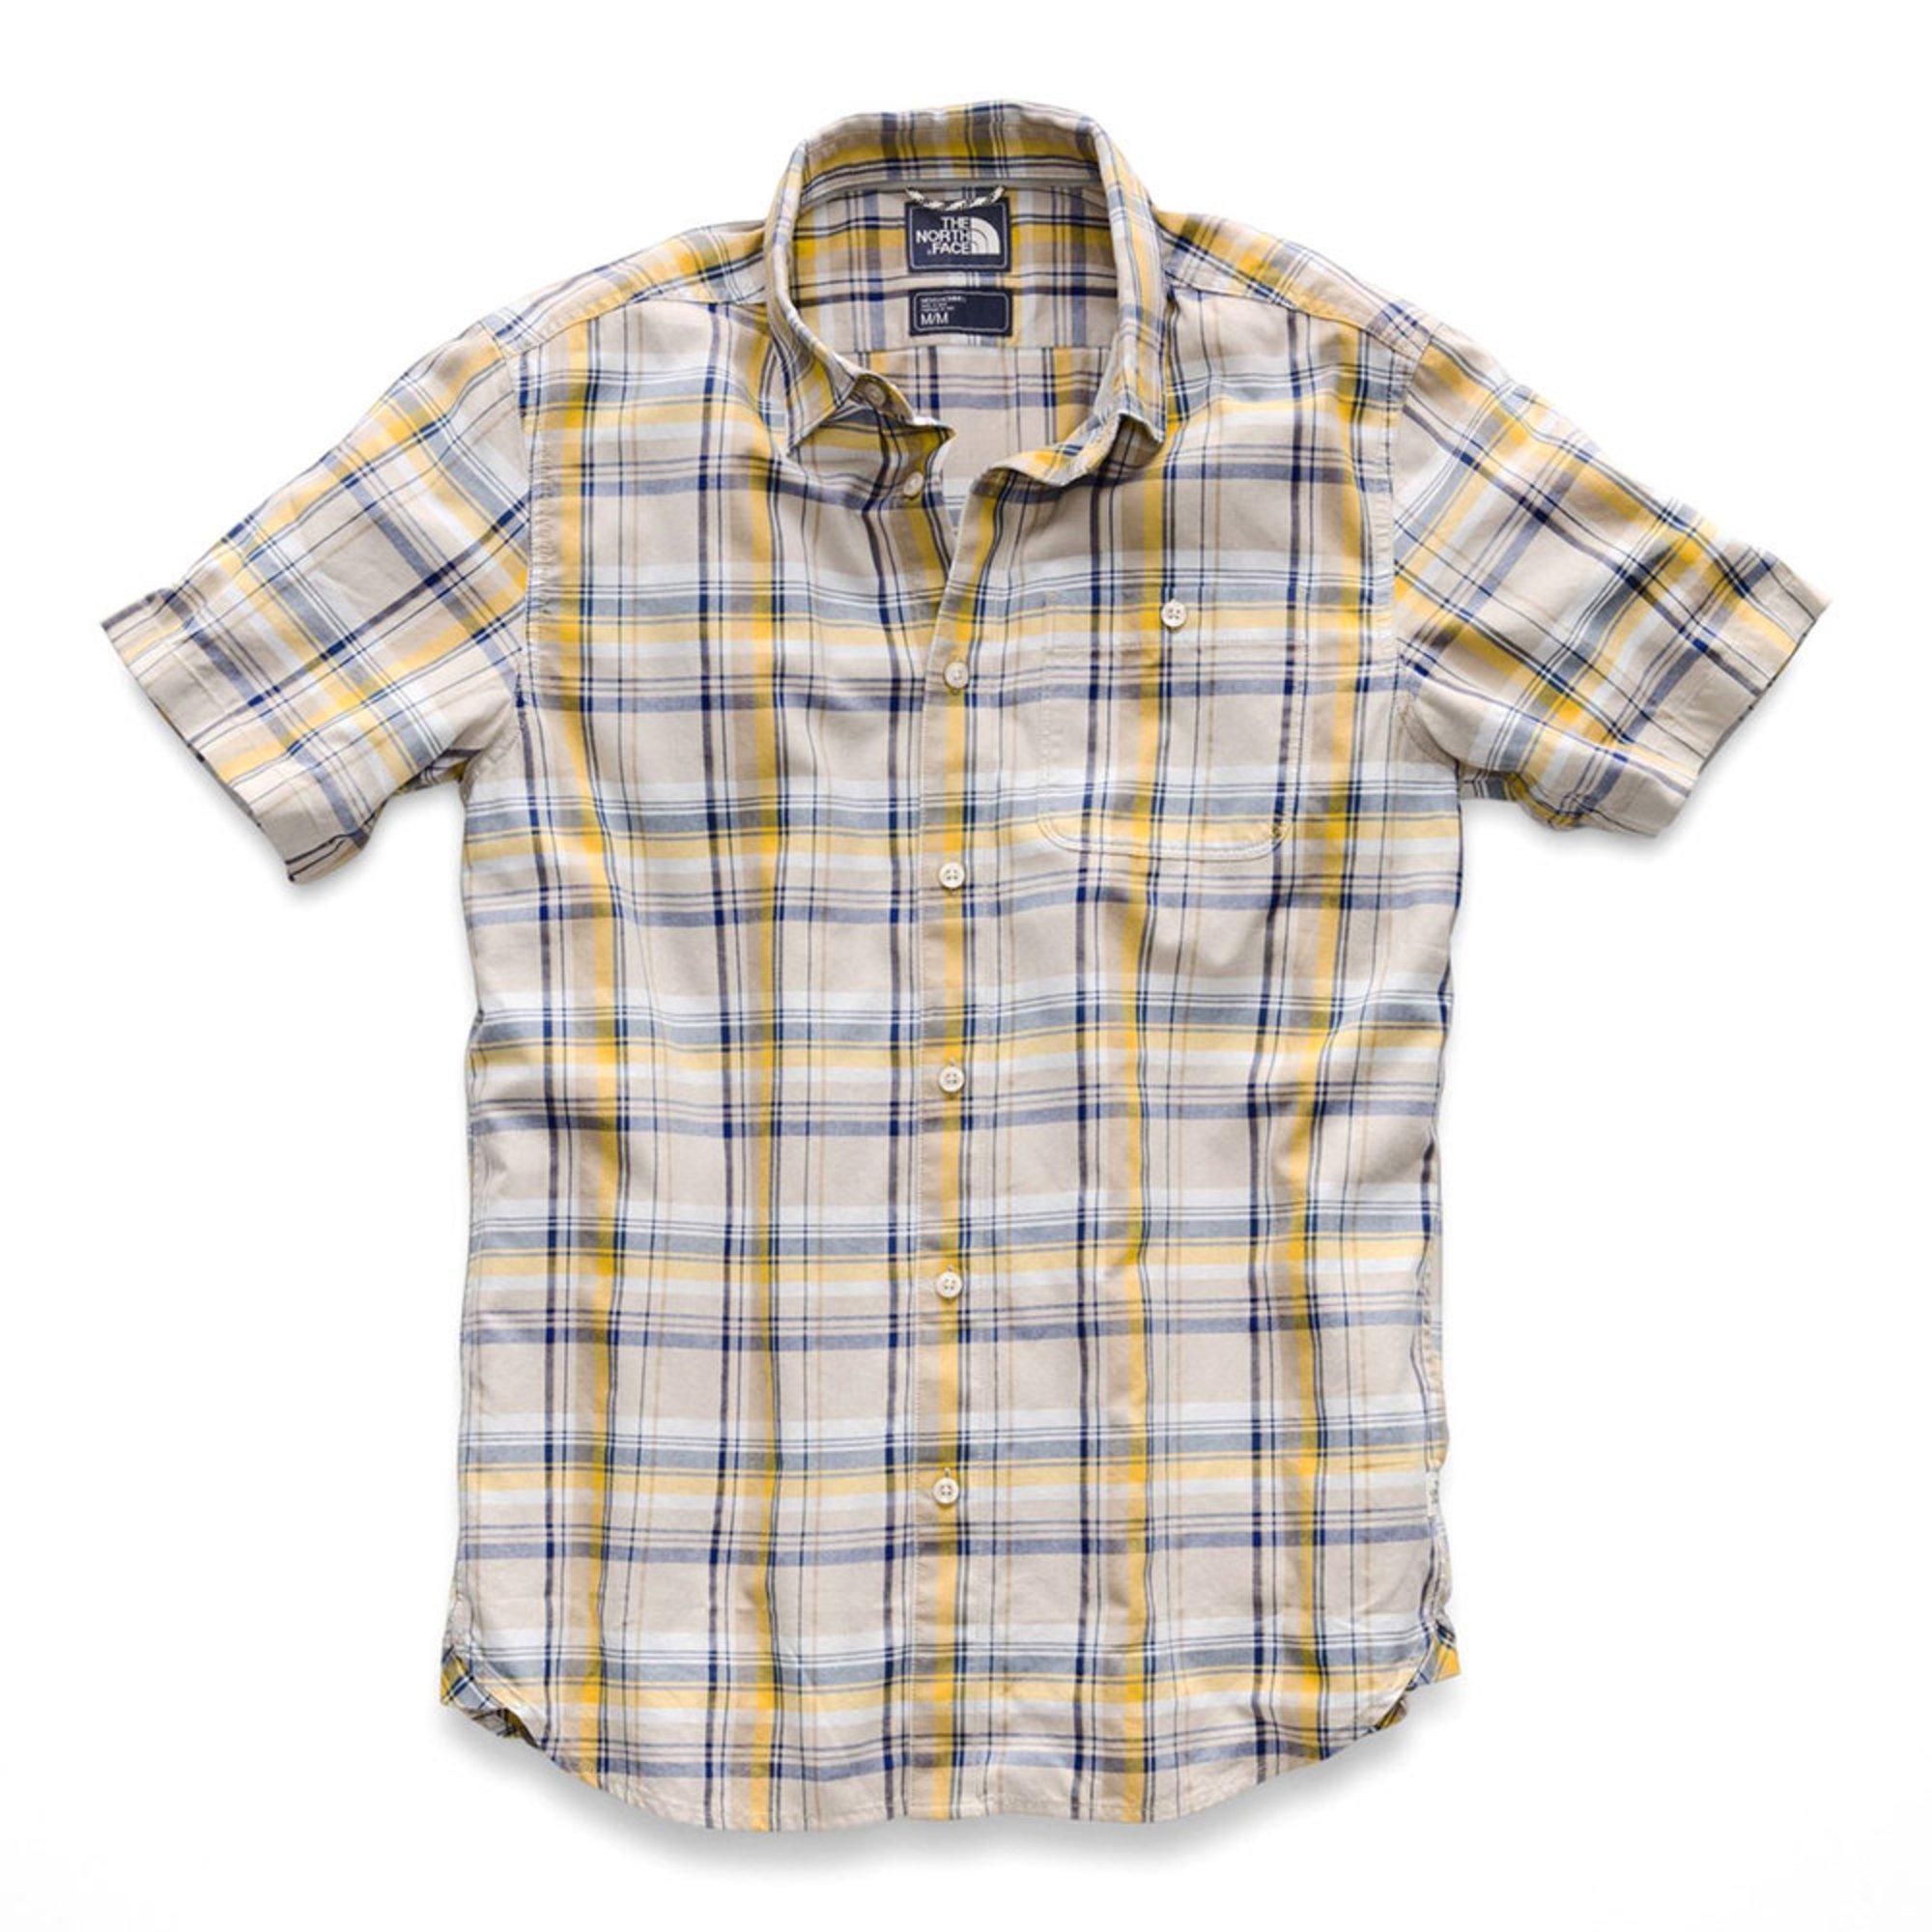 d59d8be78 The North Face Men's Hayden Pass Short Sleeve Shirt | Outdoor Button ...